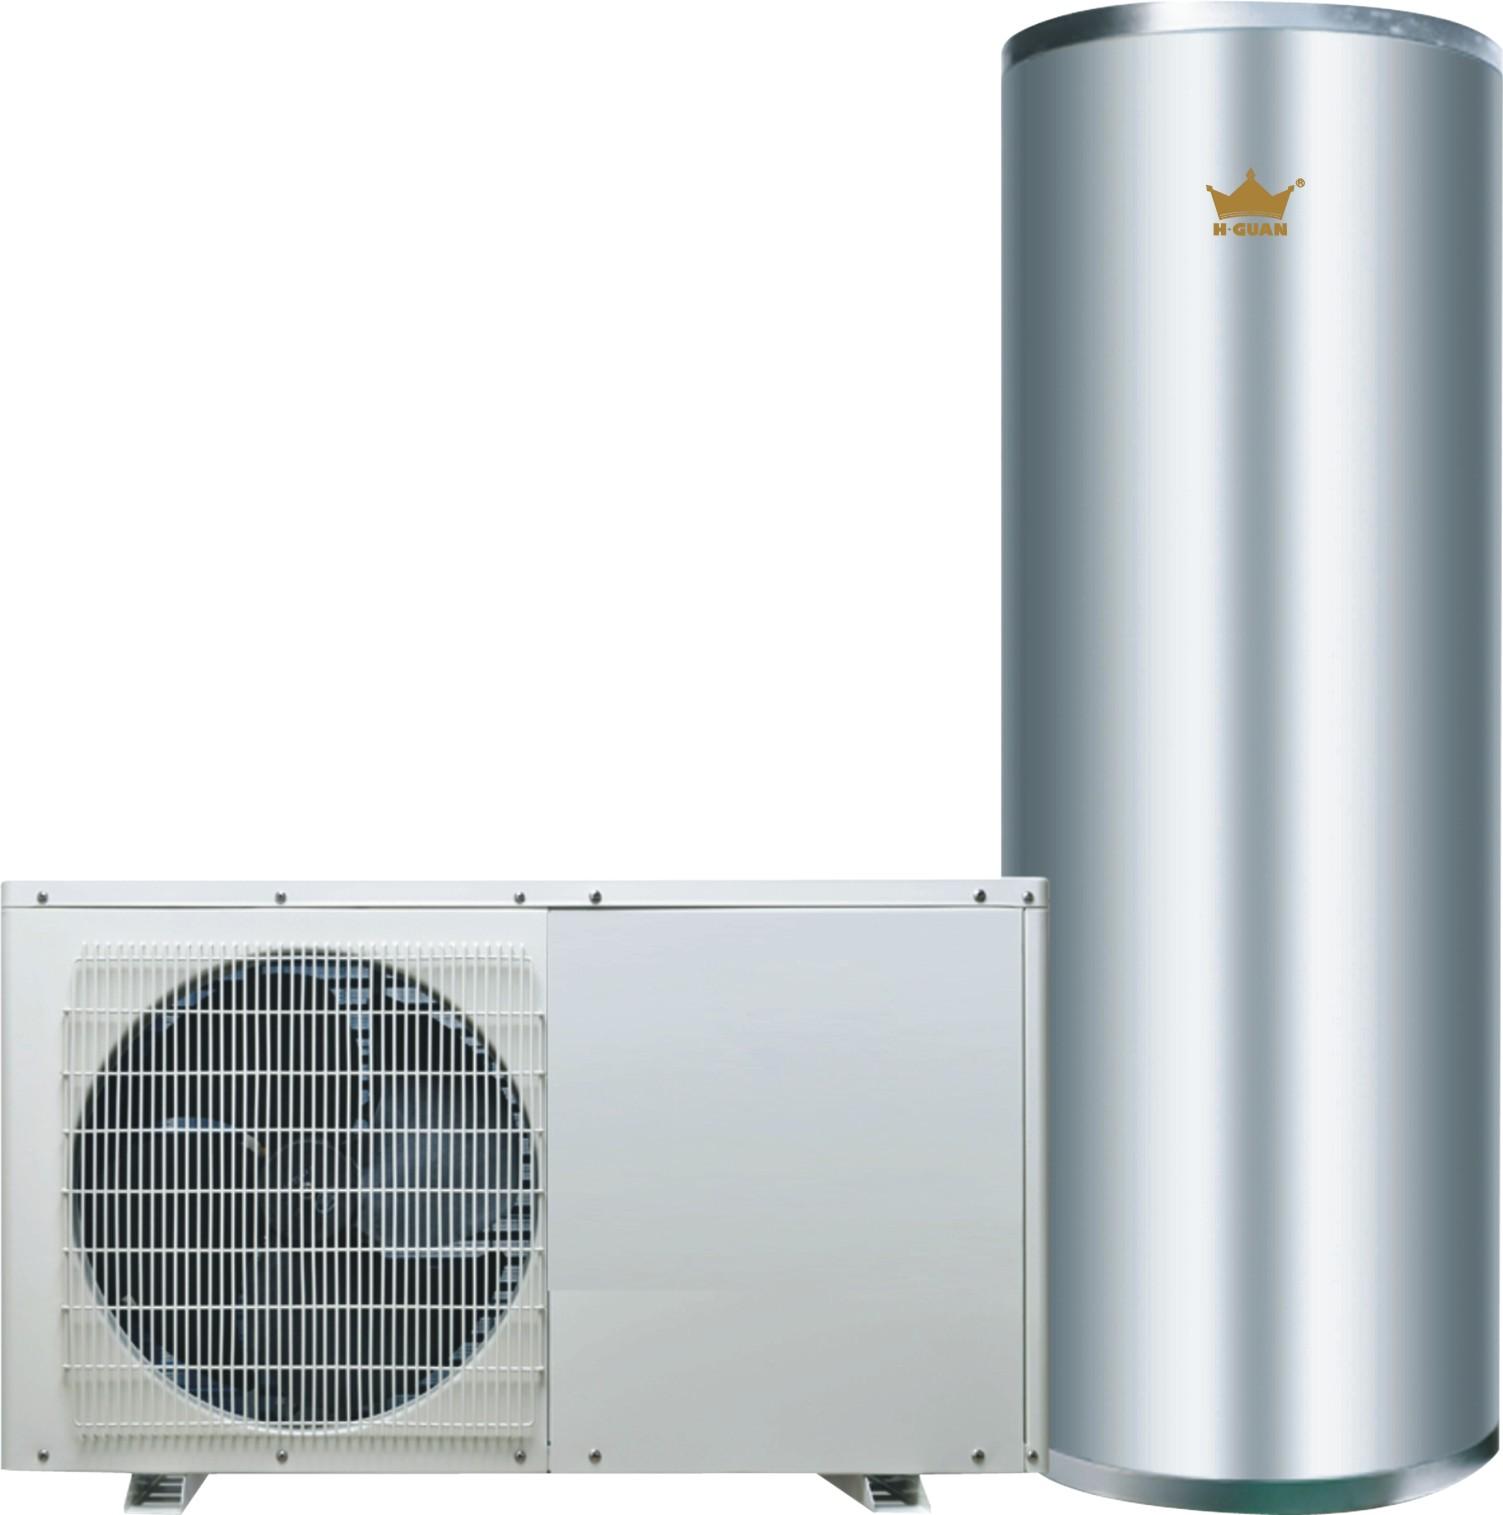 别致的皇冠空气能_品质有保障的皇冠空气能热水器中山厂家直销